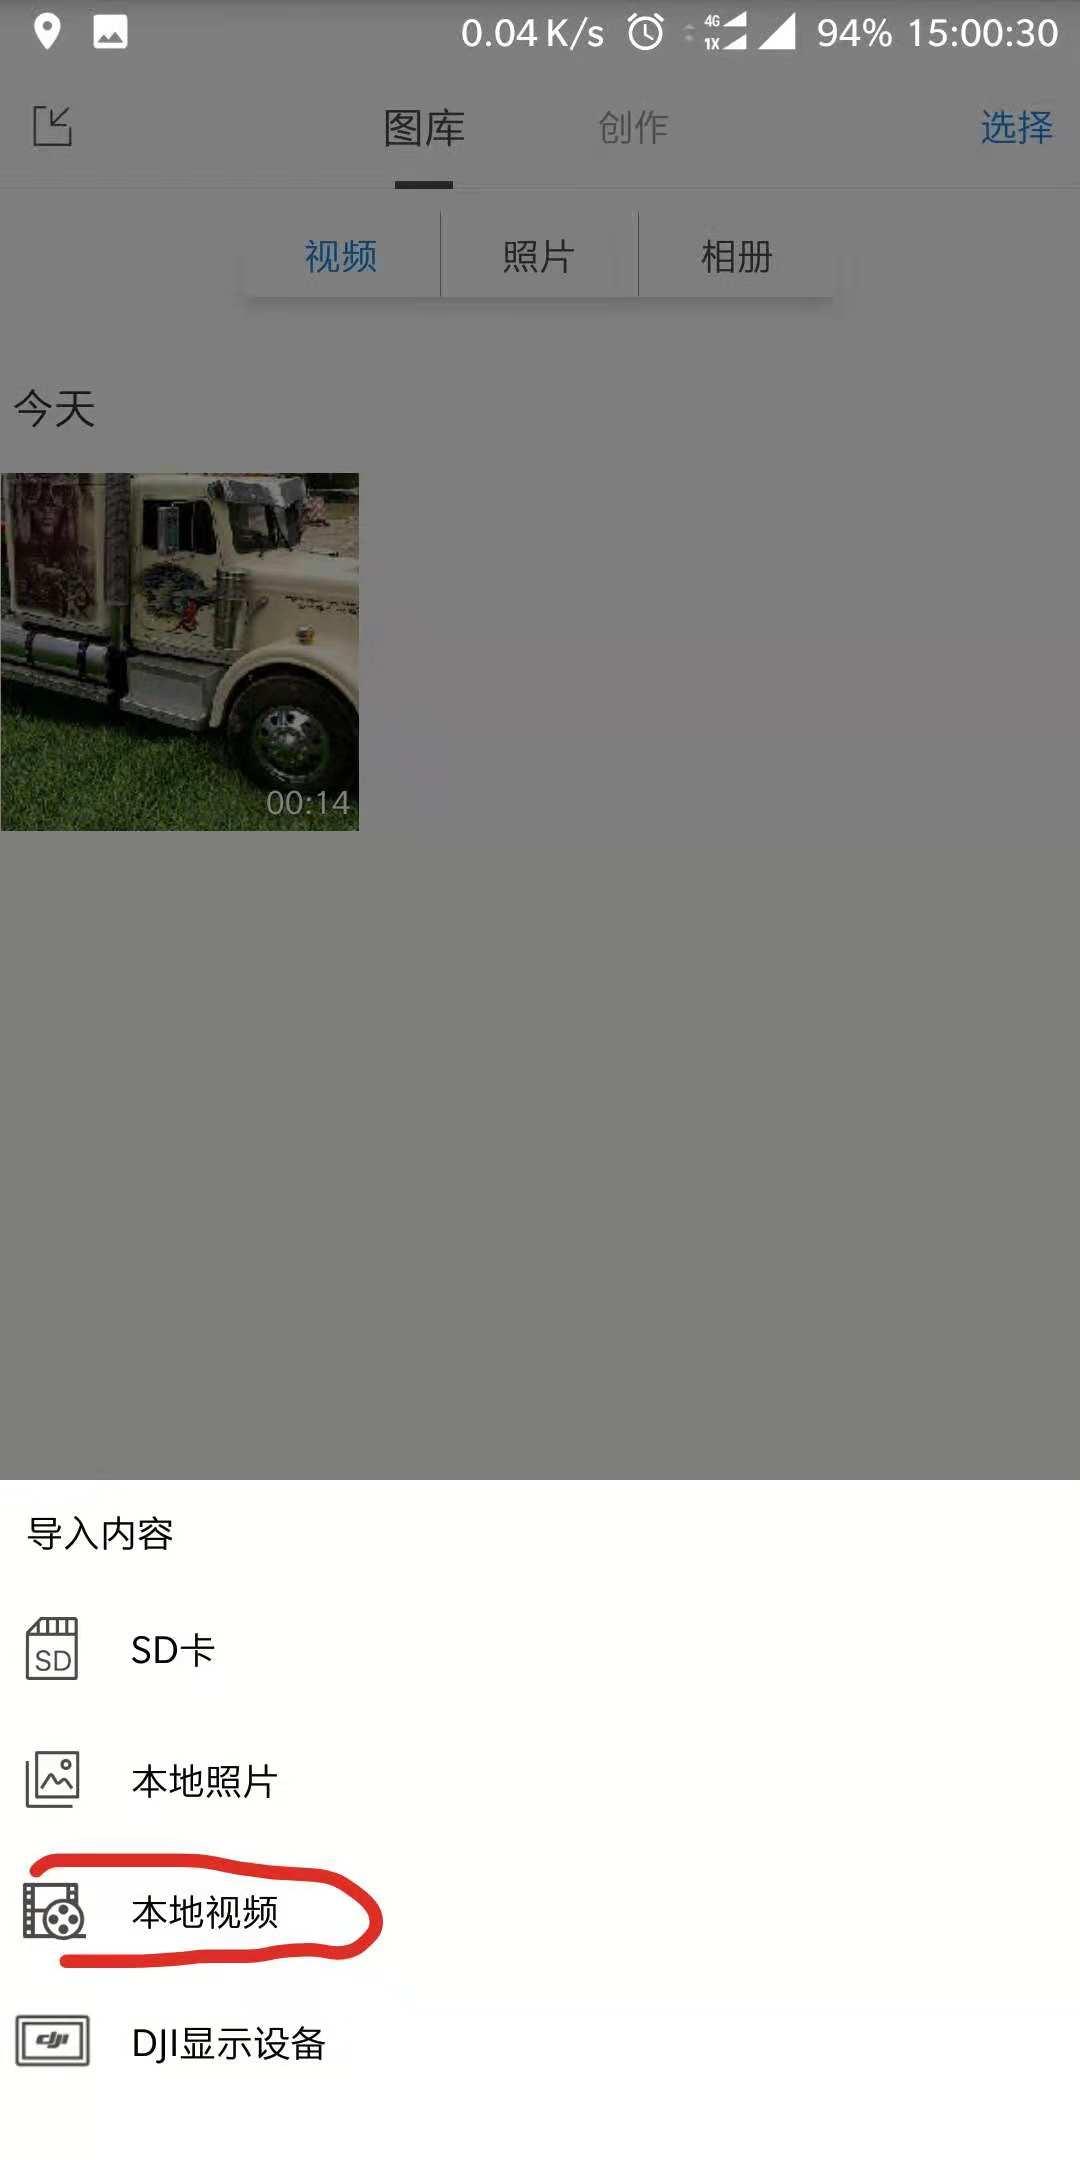 微信图片_201811121506071.jpg